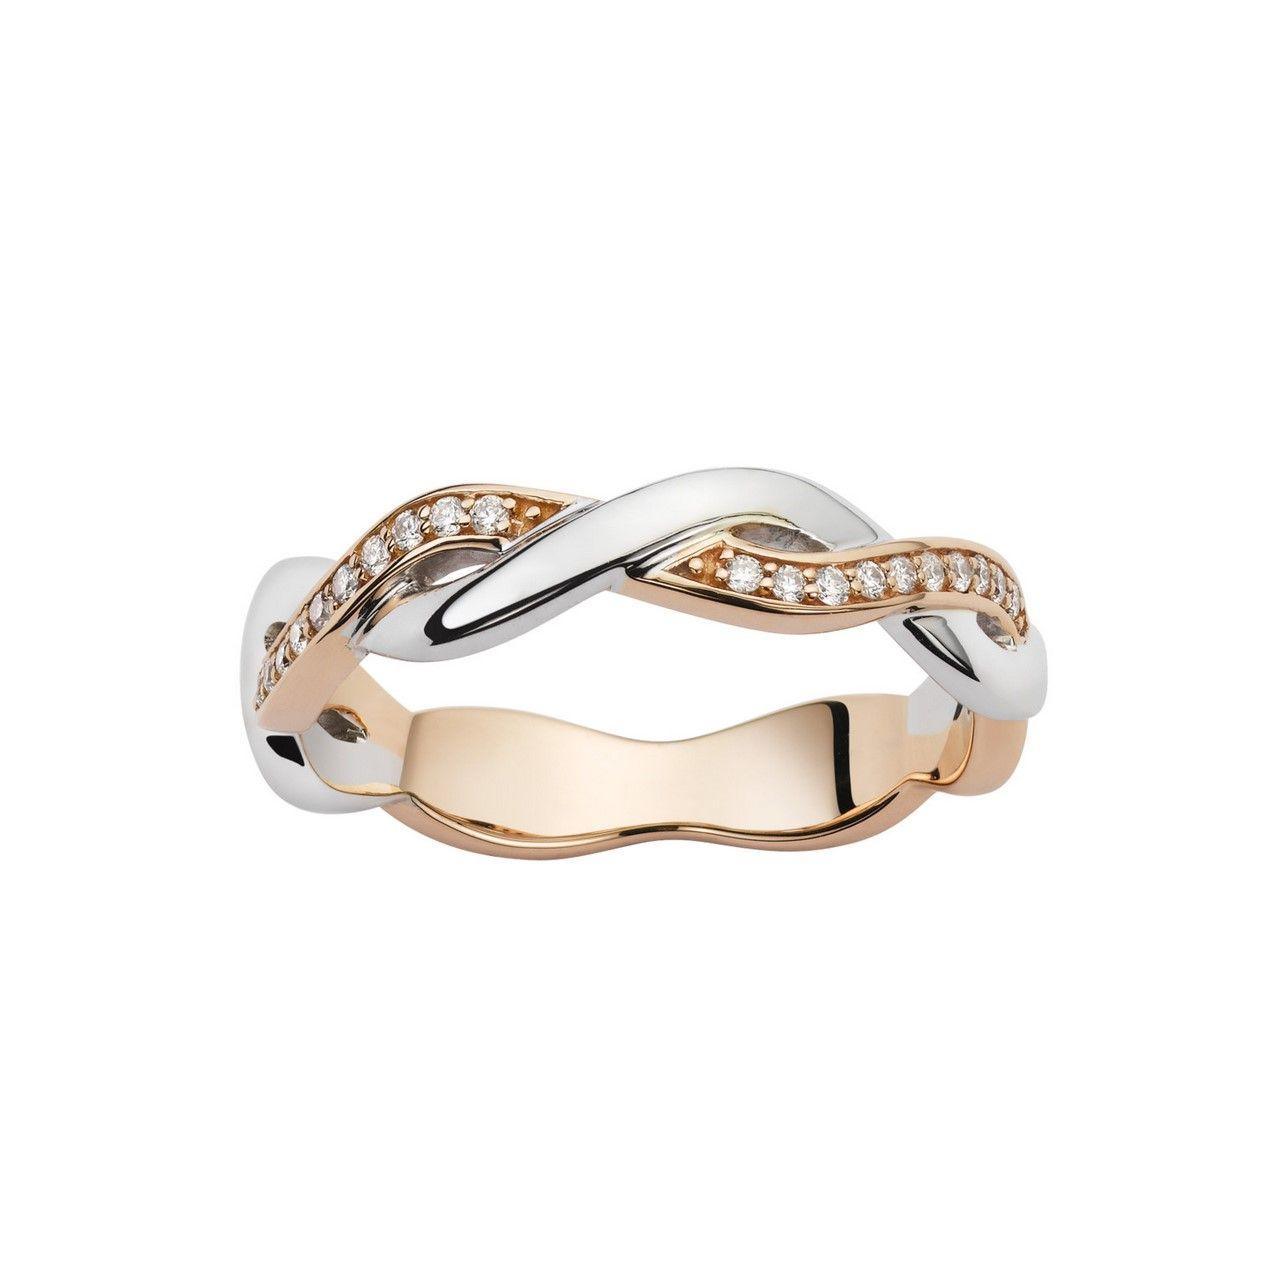 Alliance en or blanc, or rose et diamants de 0.10ct vue 1